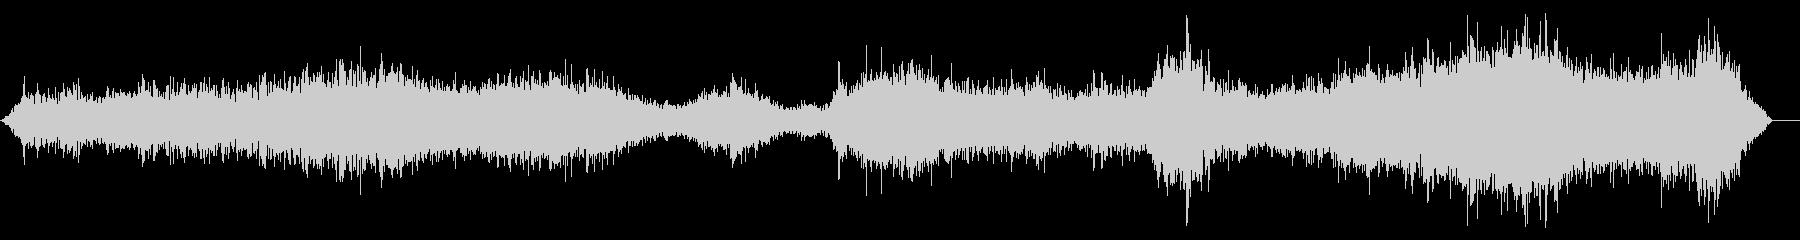 リバーブを介した奇妙な音声効果、そ...の未再生の波形